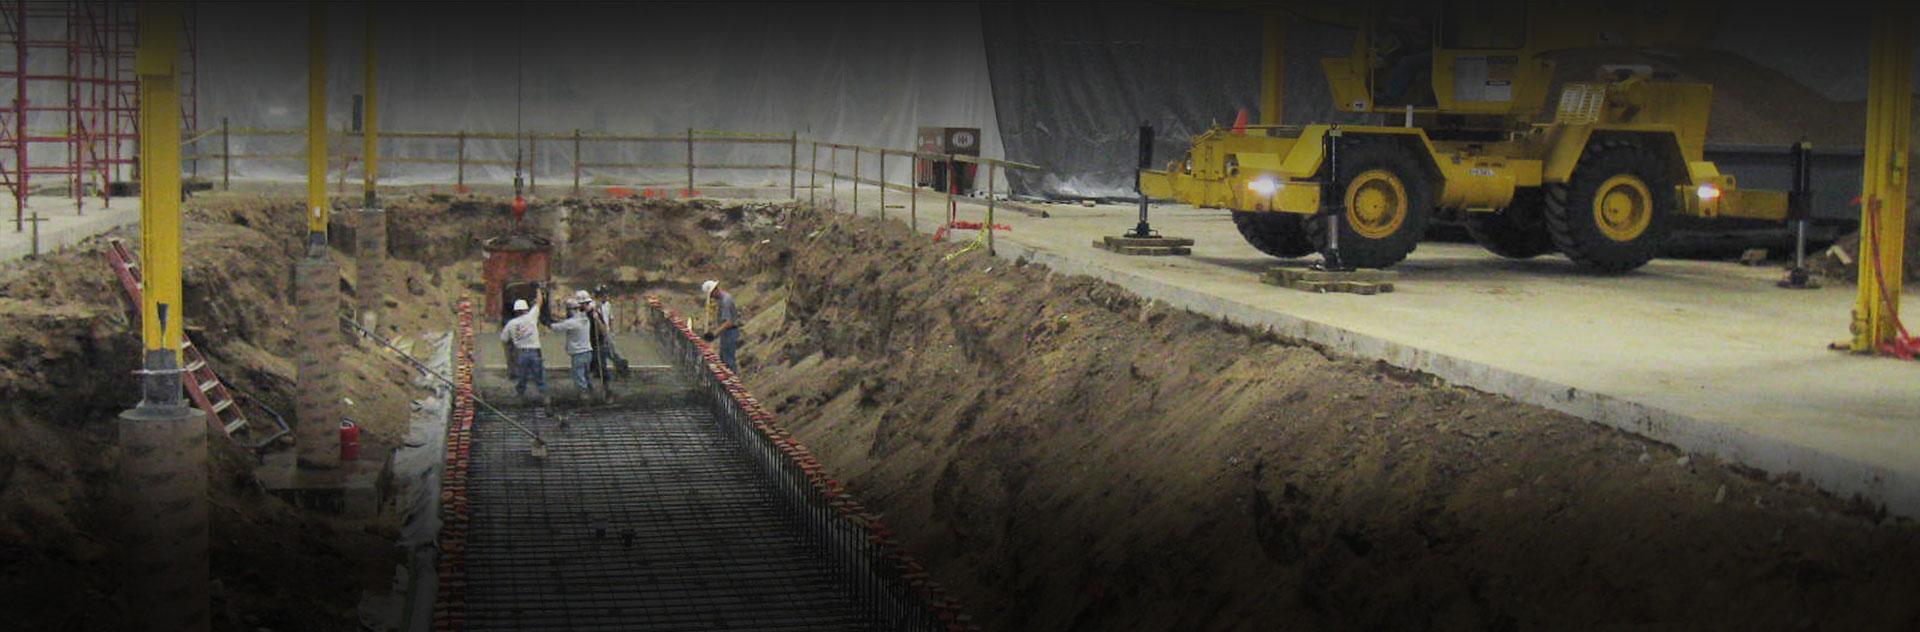 Fabri-Kal-Grinder-Tunnel